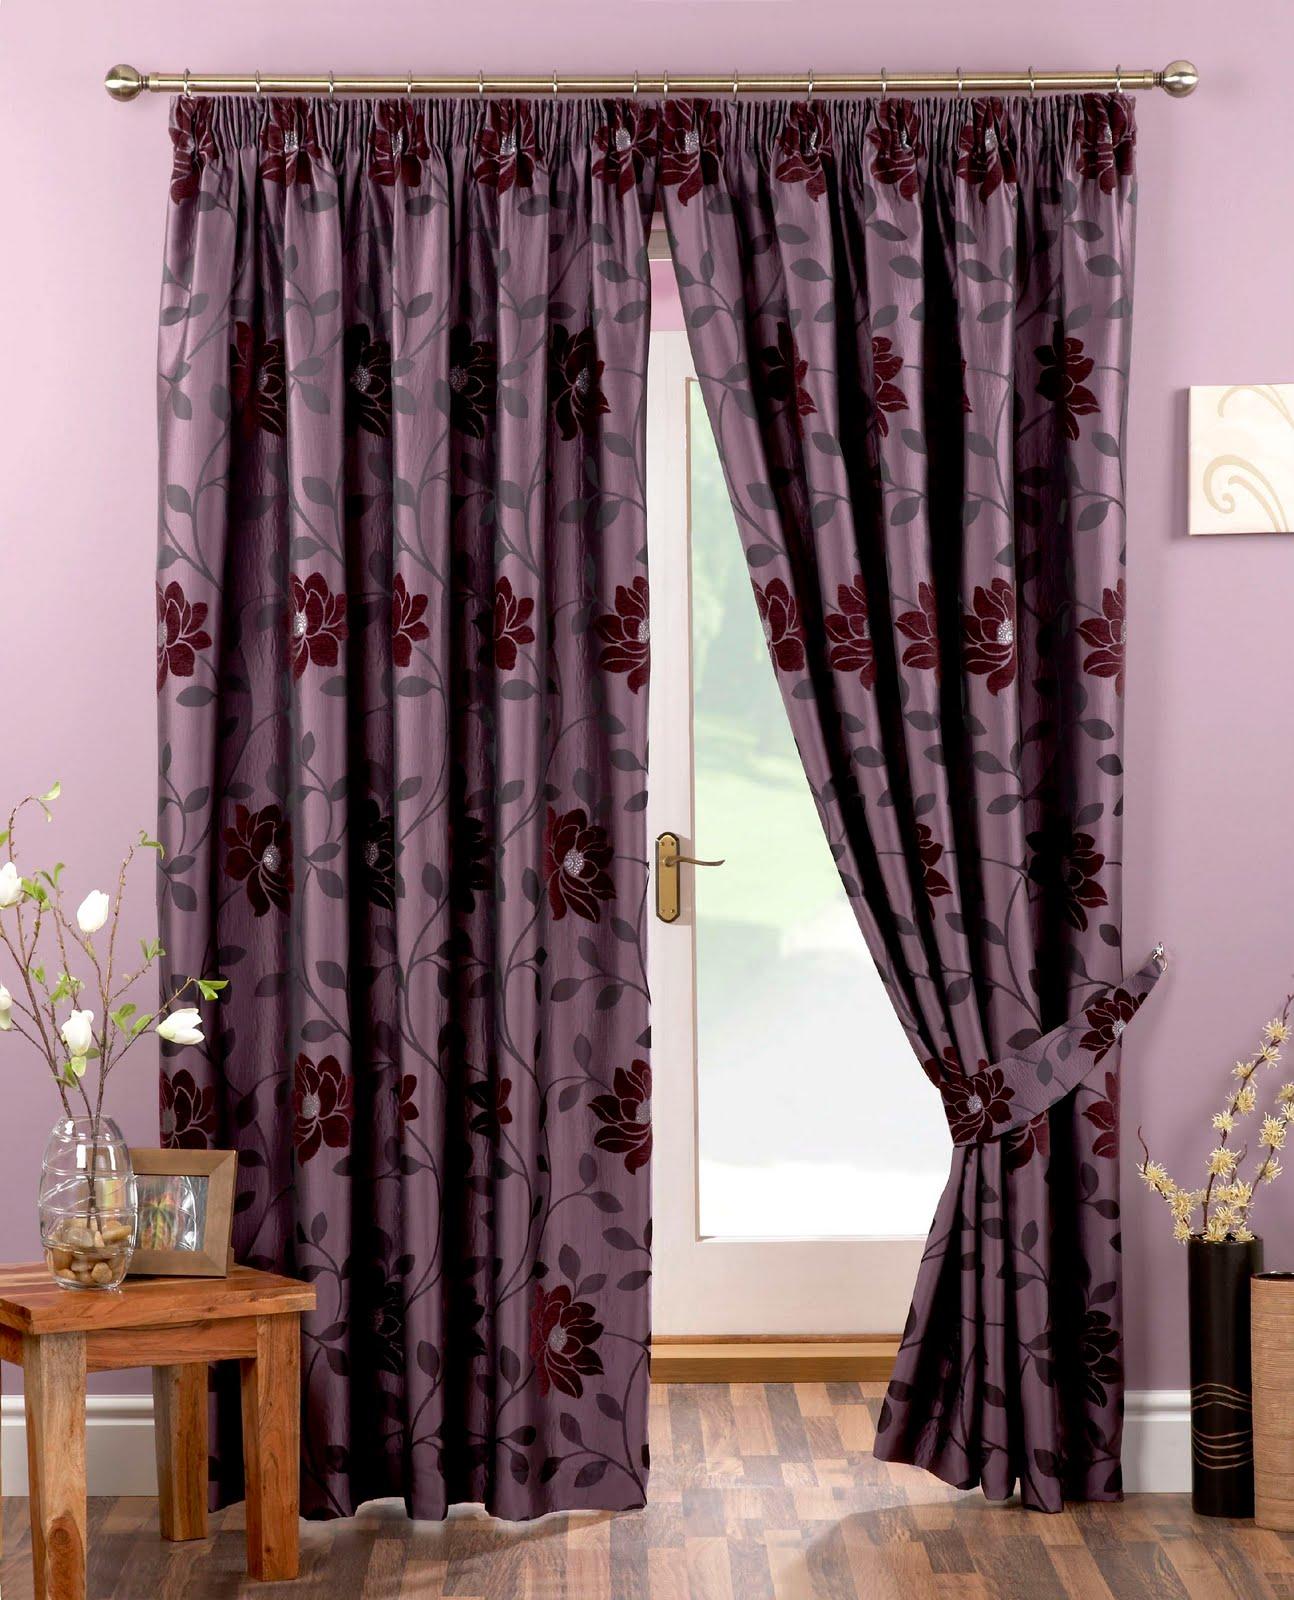 Cortinas para el hogar cortinas para el living for Cortinas para el hogar